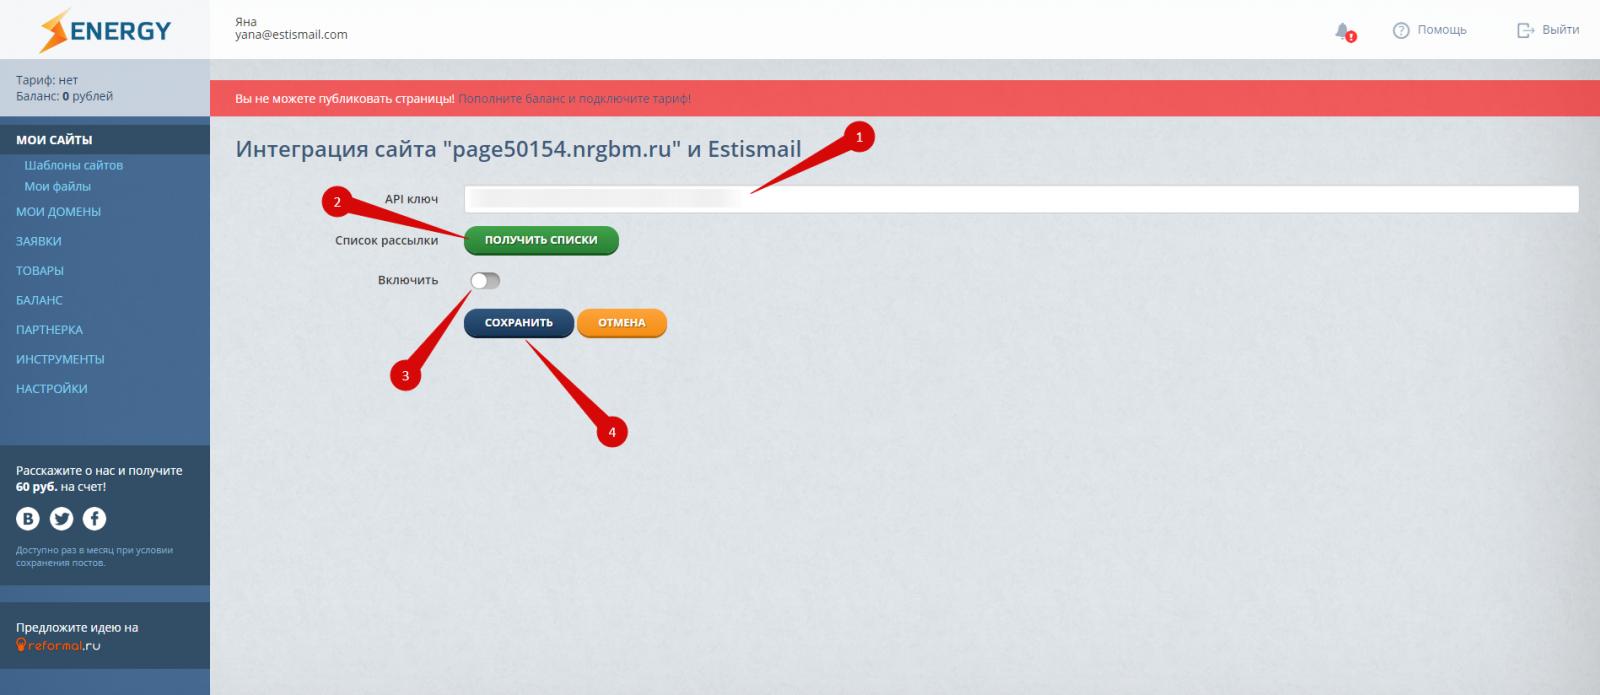 Подключение к Energy-bm с помощью API-key Estismail